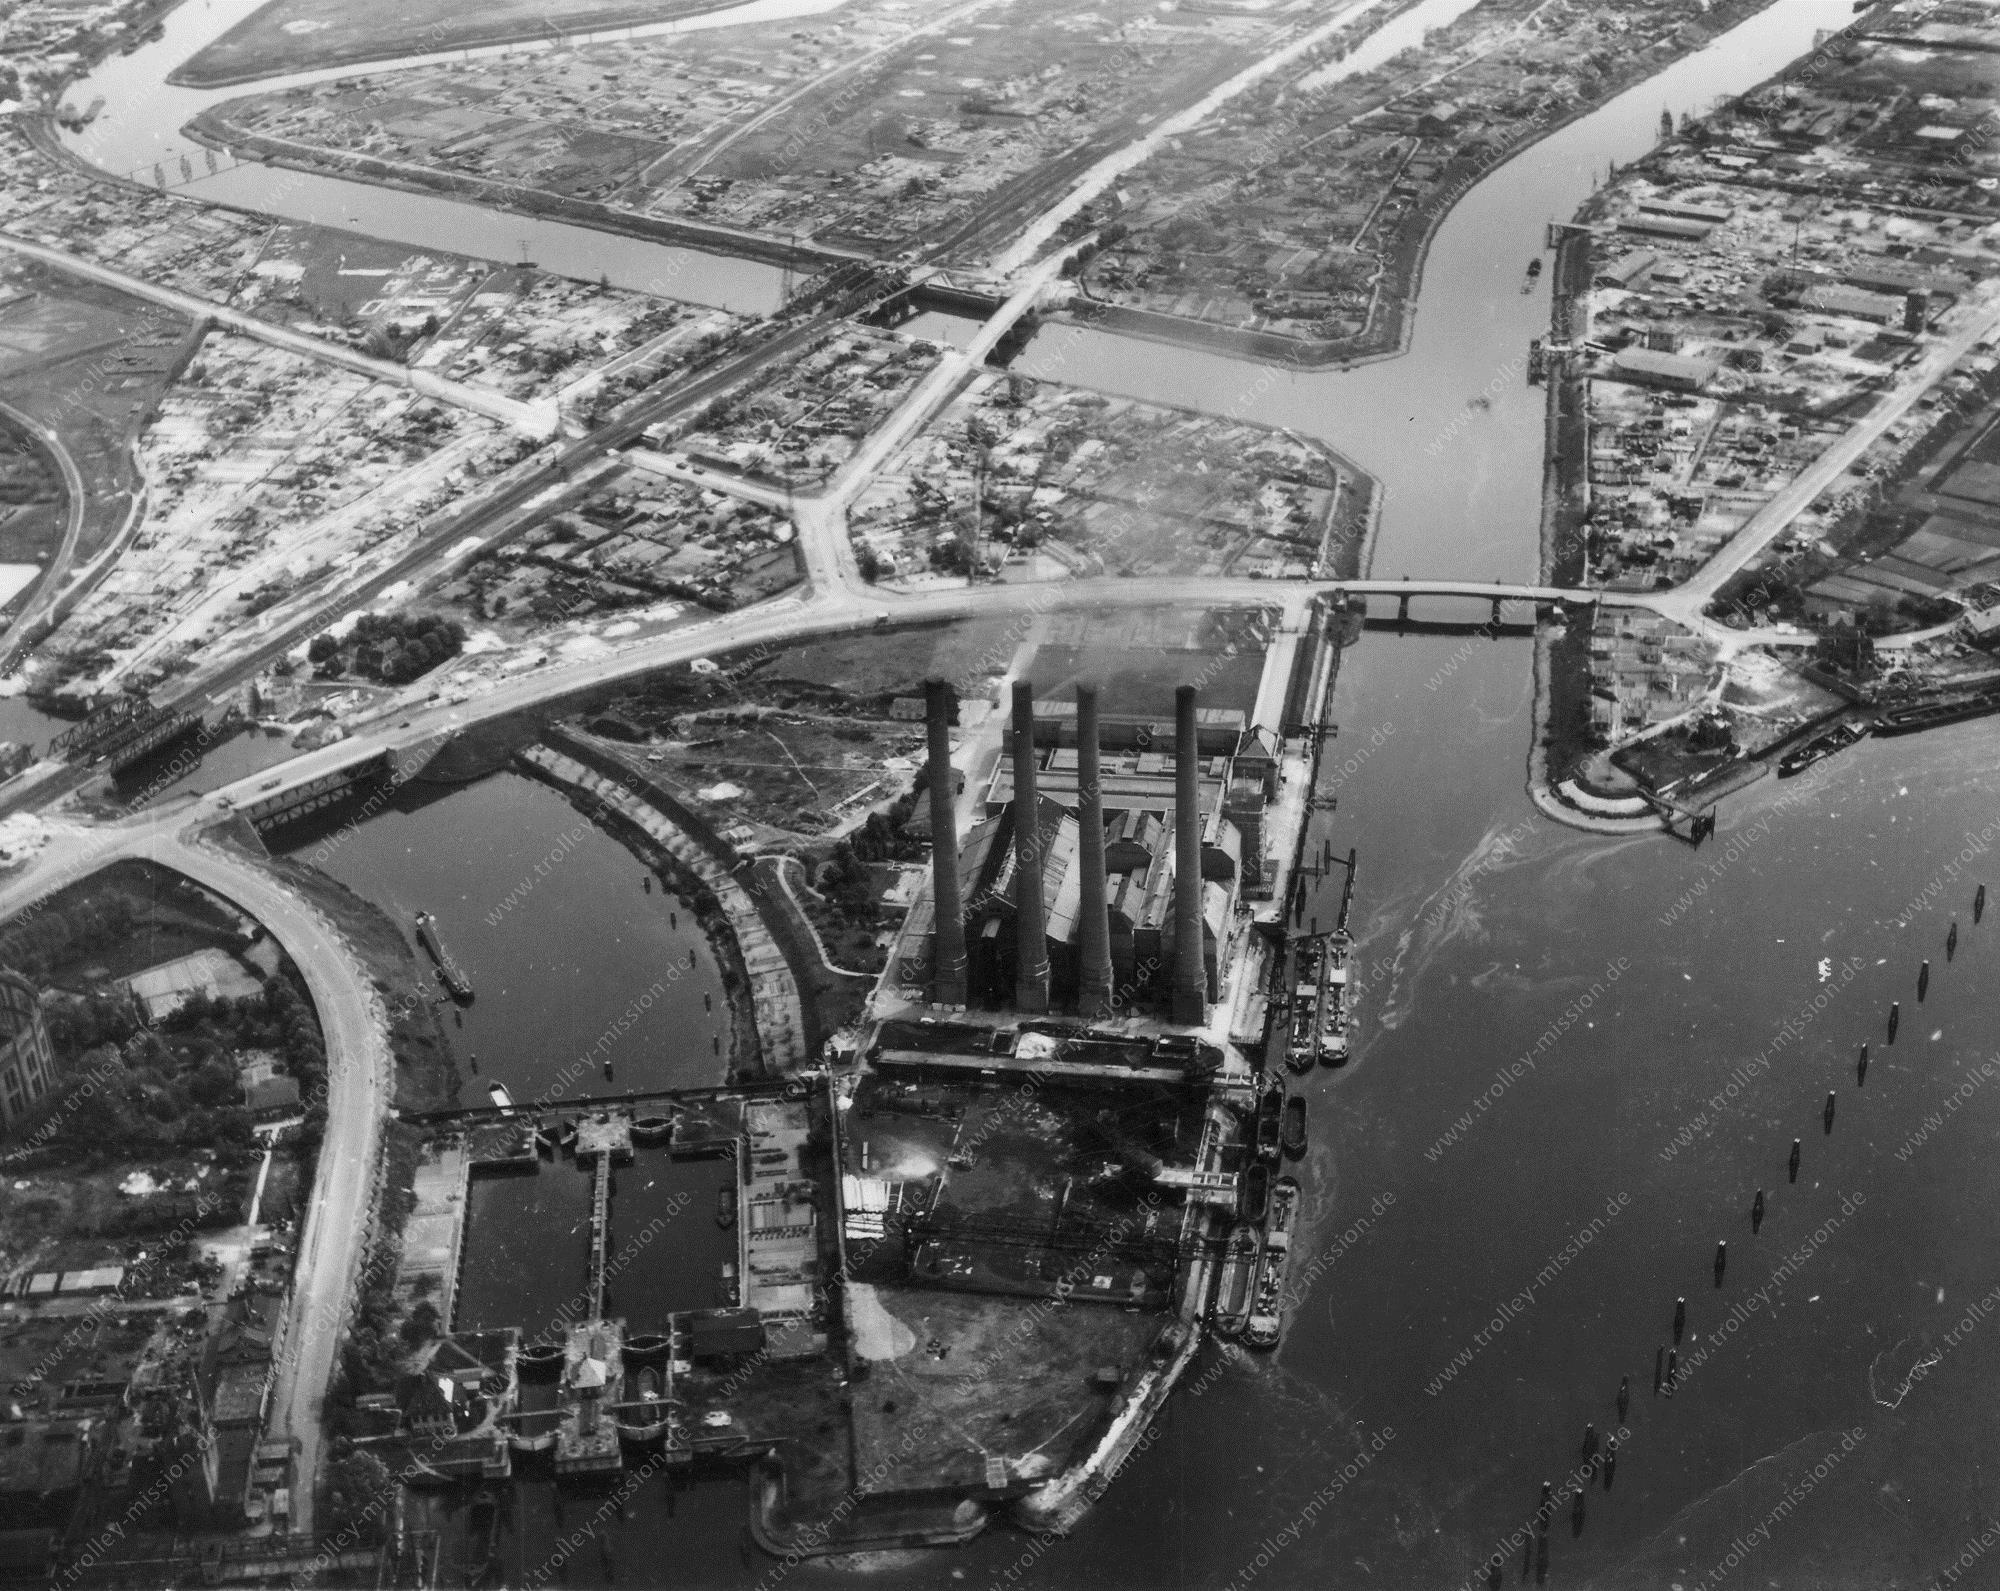 Hamburg Luftbild Schleuse Tiefstack und Kraftwerk der Hamburgischen Electricitäts-Werke AG